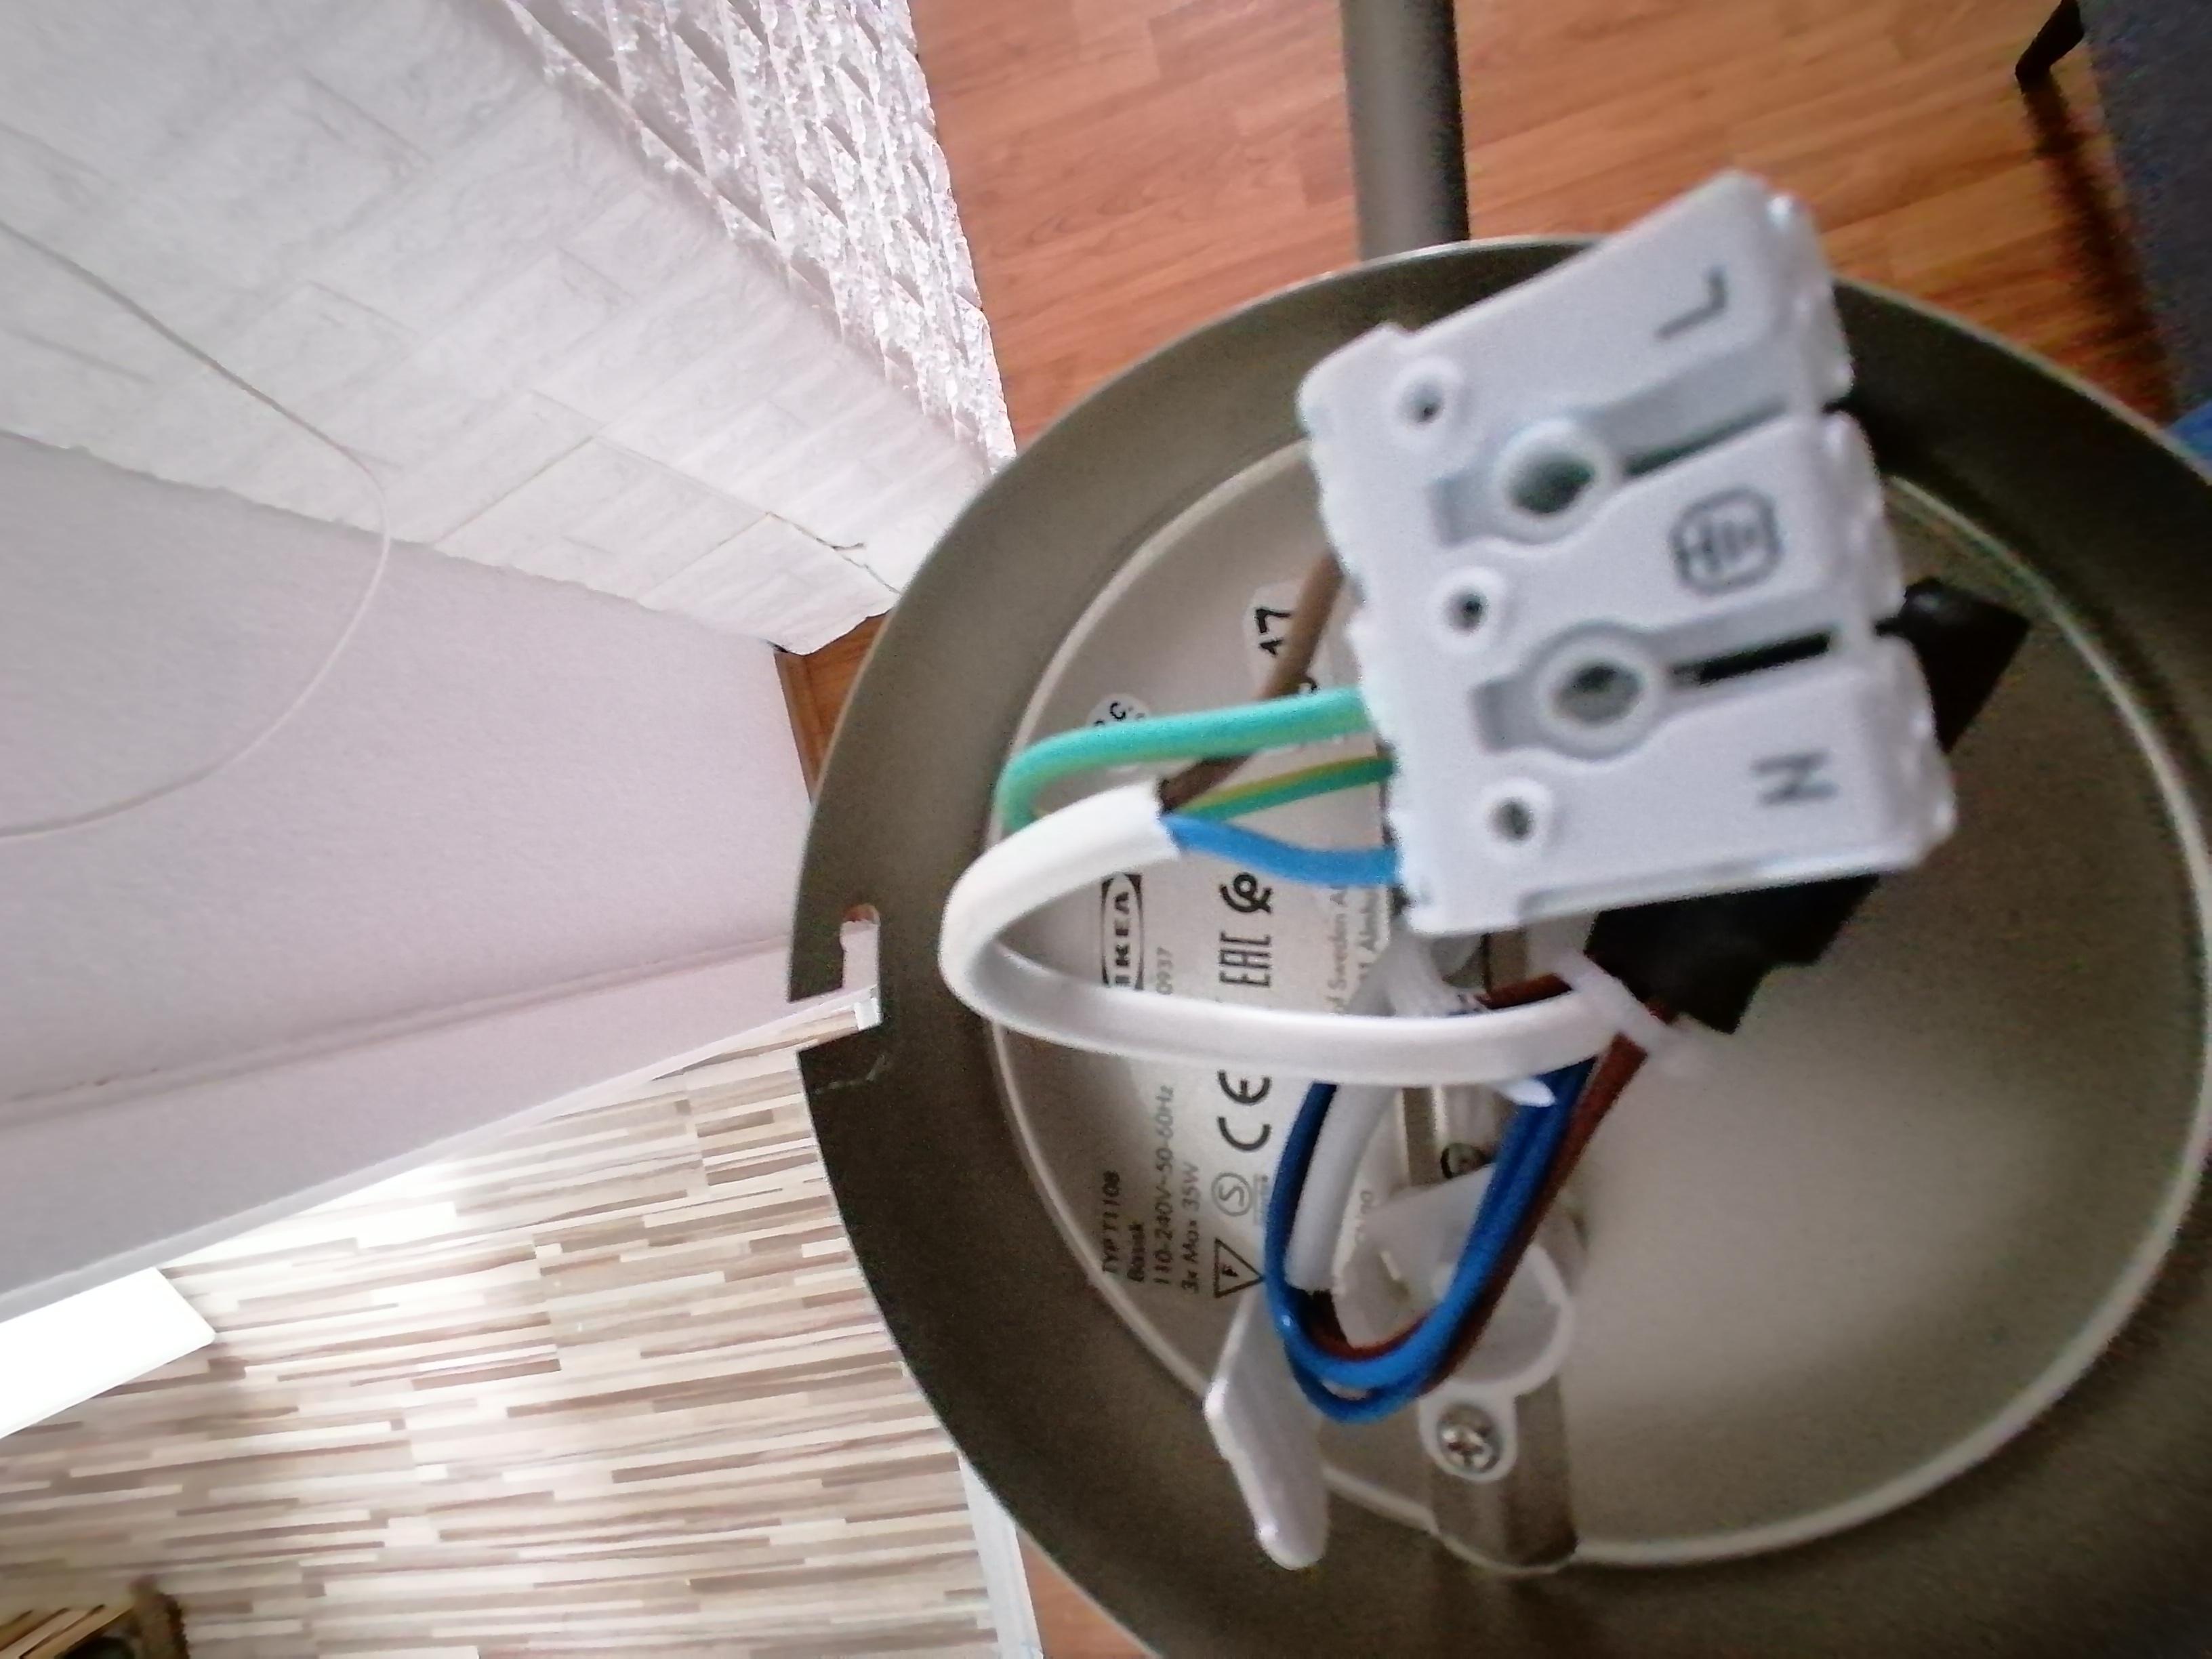 Lampe Anschliessen 3 Kabel Blau Gelb Braun Caseconrad Com